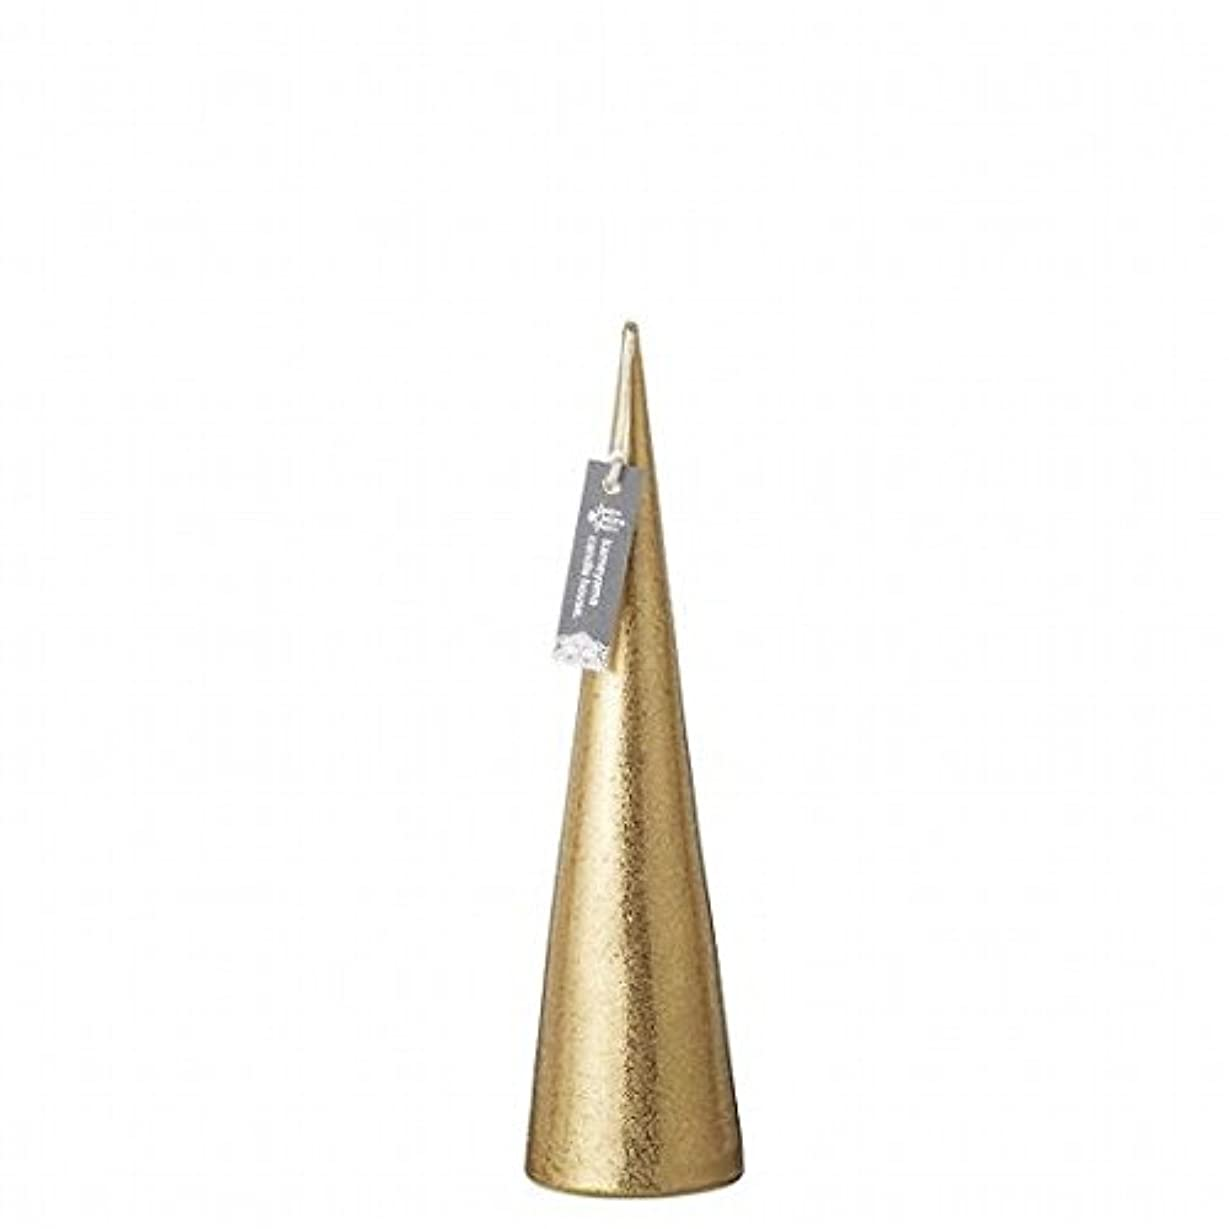 歯車強風ペレットkameyama candle(カメヤマキャンドル) メタリックコーンM「 ゴールド 」(A9560110GO)